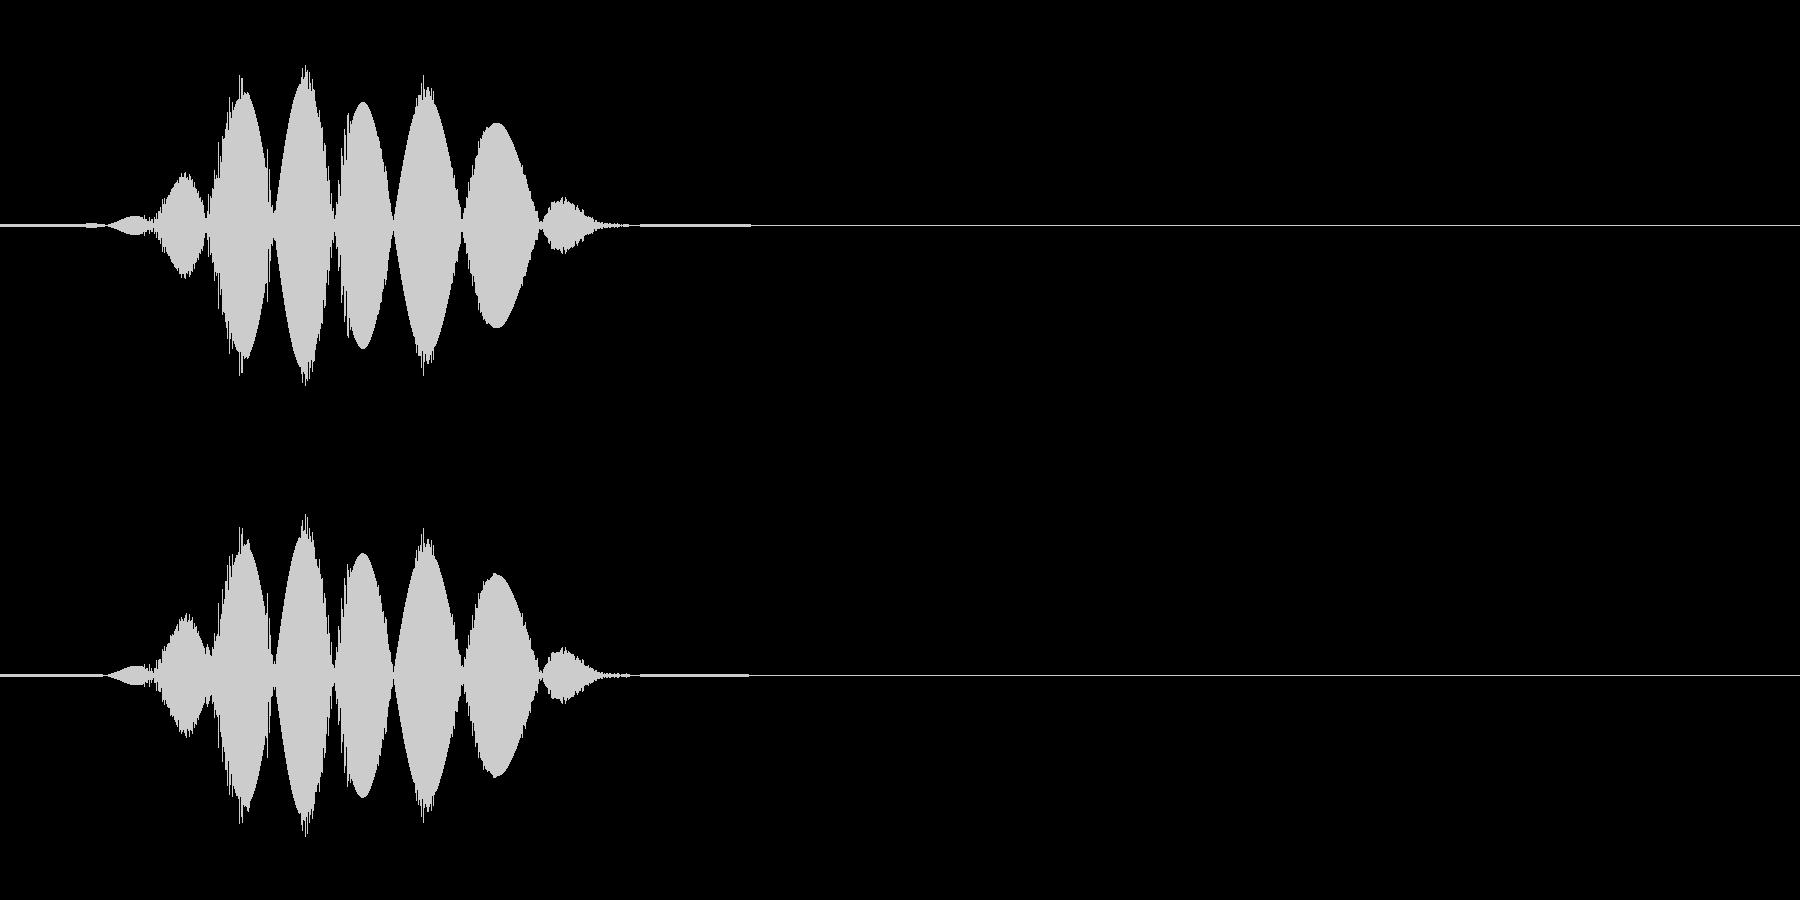 軽く殴る乾いた音の効果音の未再生の波形